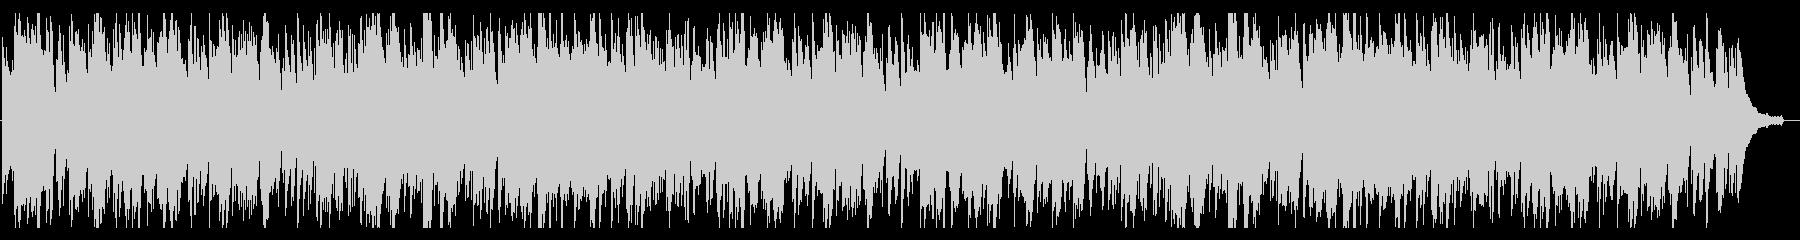 ピアノソロ スロウで重いブルースの未再生の波形